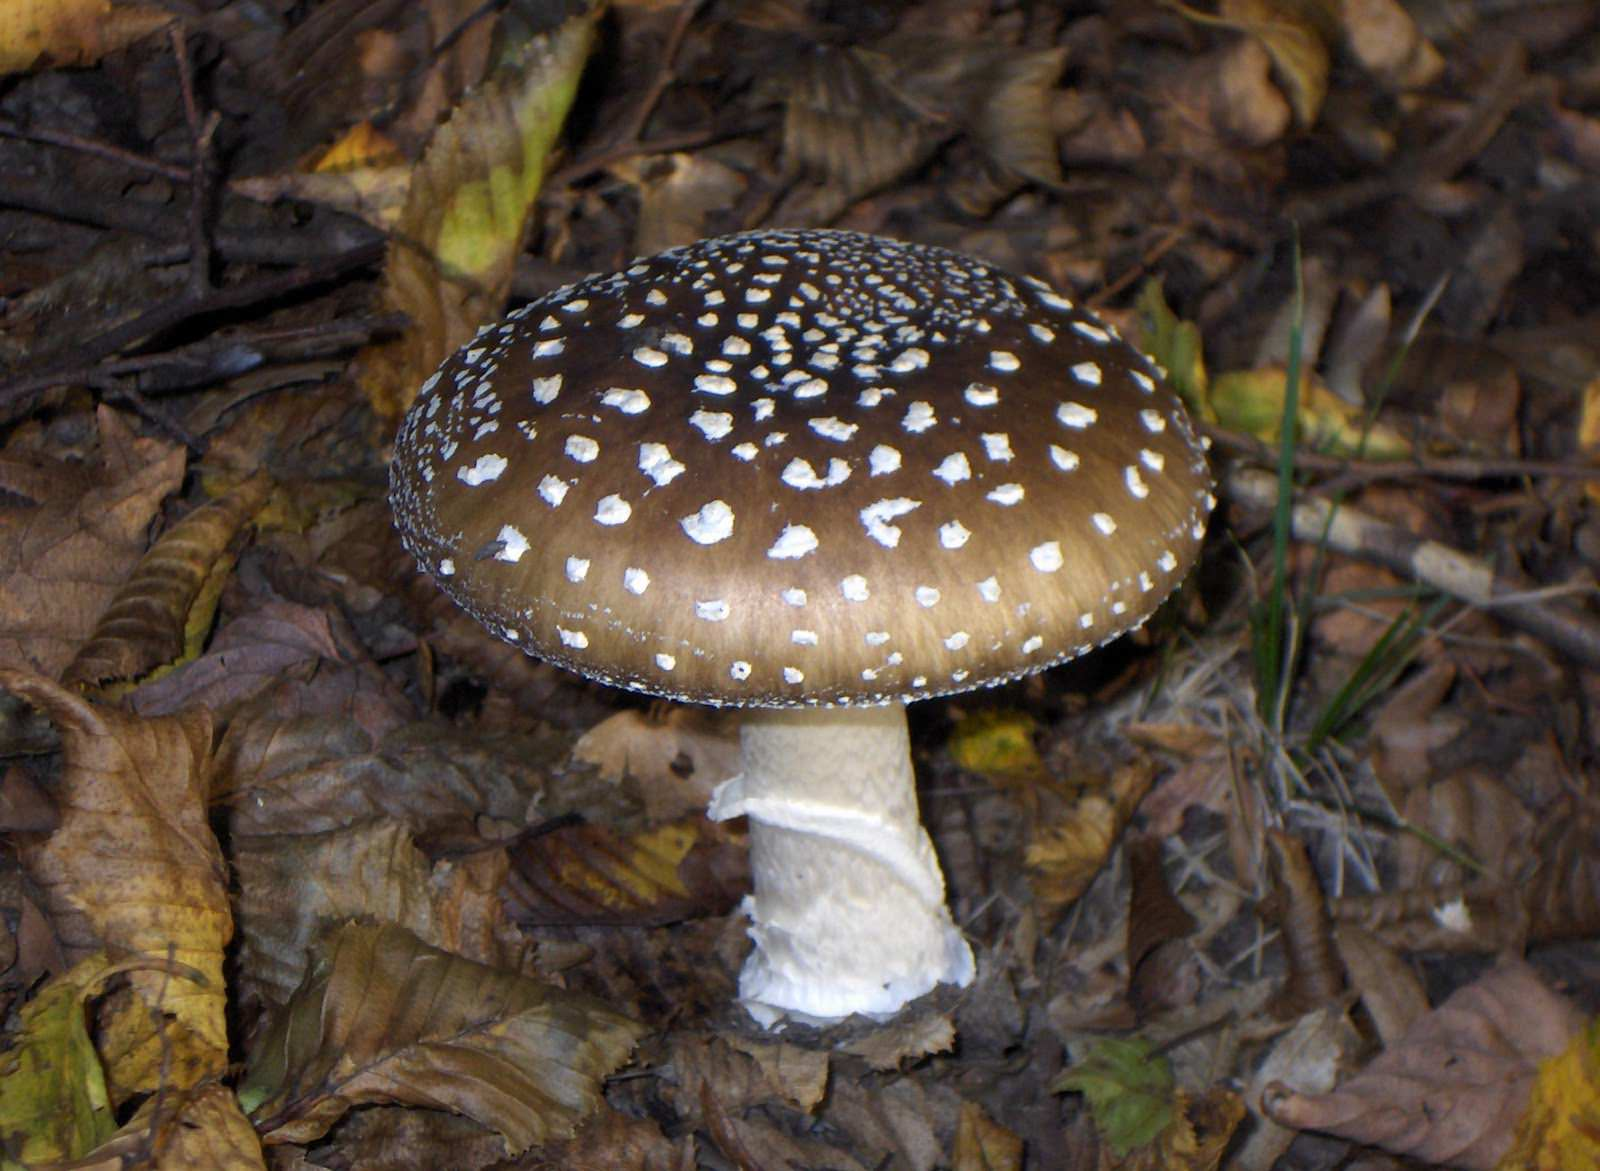 Съедобные и несъедобные грибы Краснодарского края